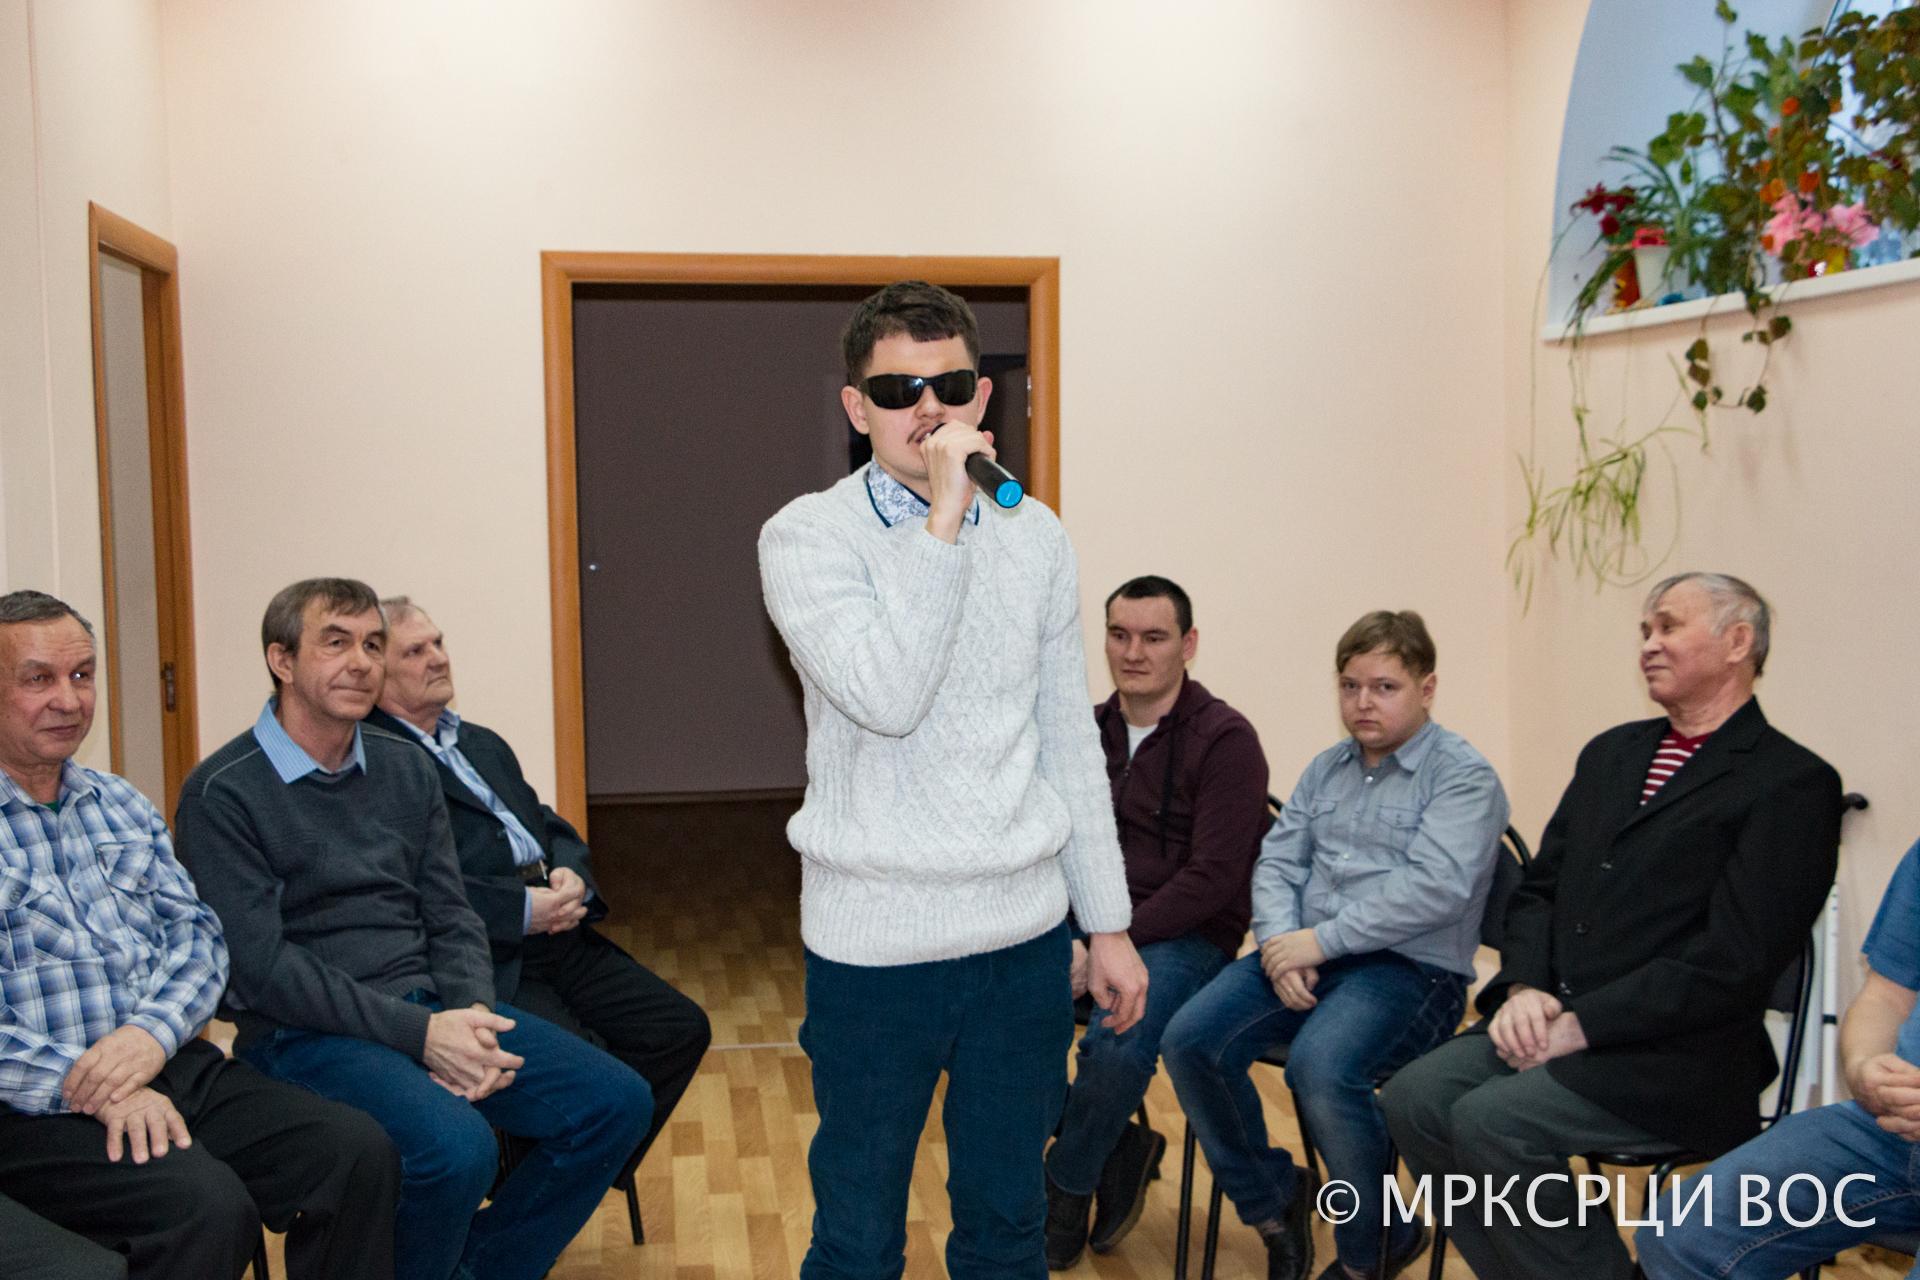 Мистер ВОС